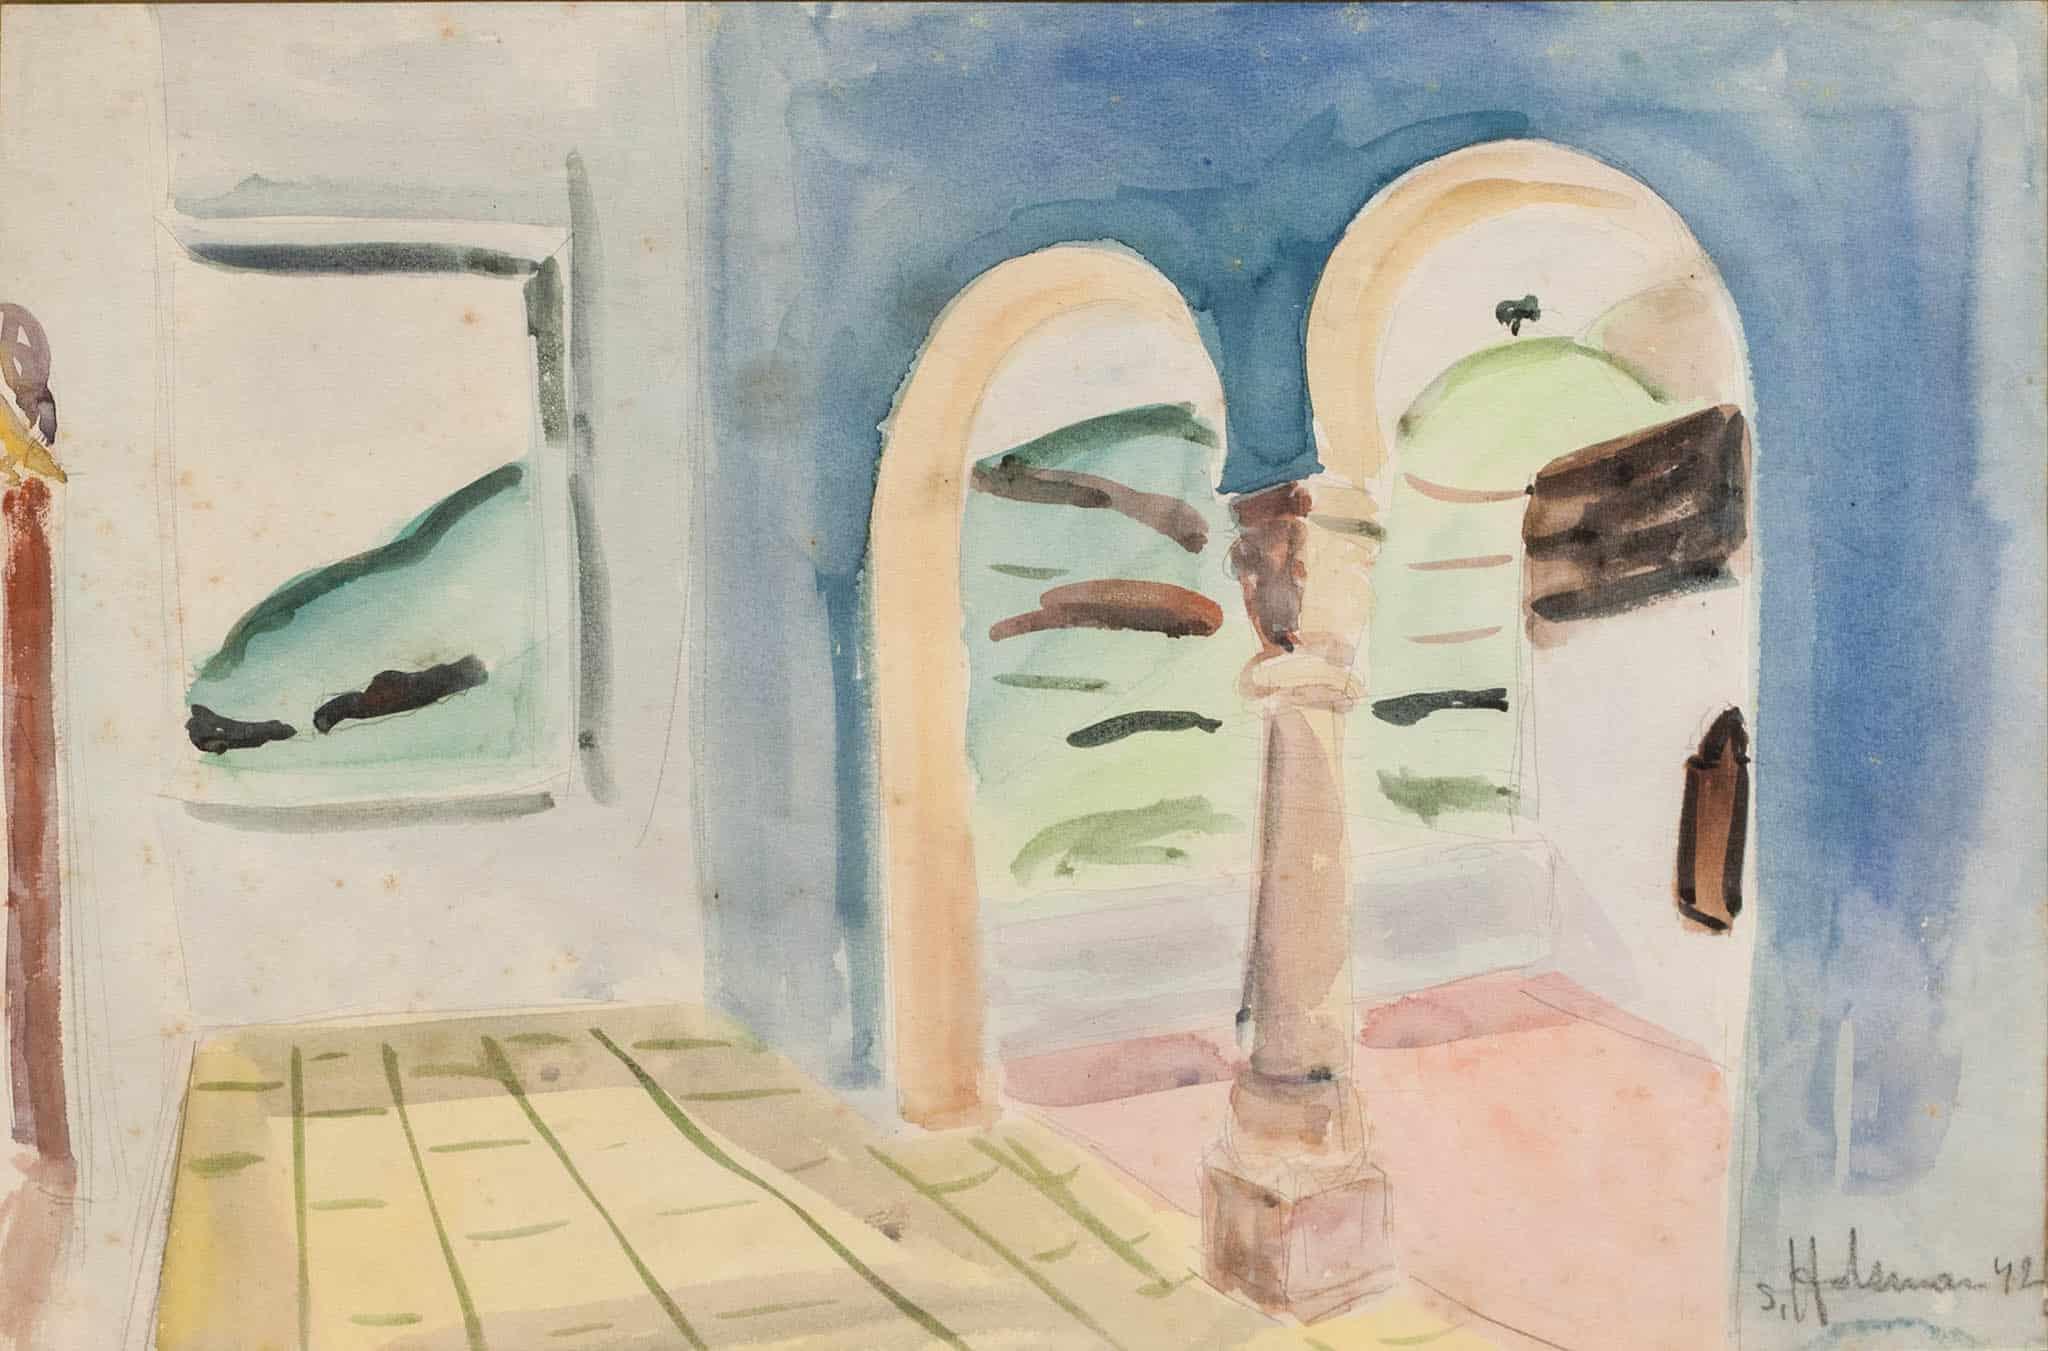 """שמשון הולצמן, """"המרפסת בטבריה"""", 1942, אקוורל על נייר, 50x33 ס""""מ"""